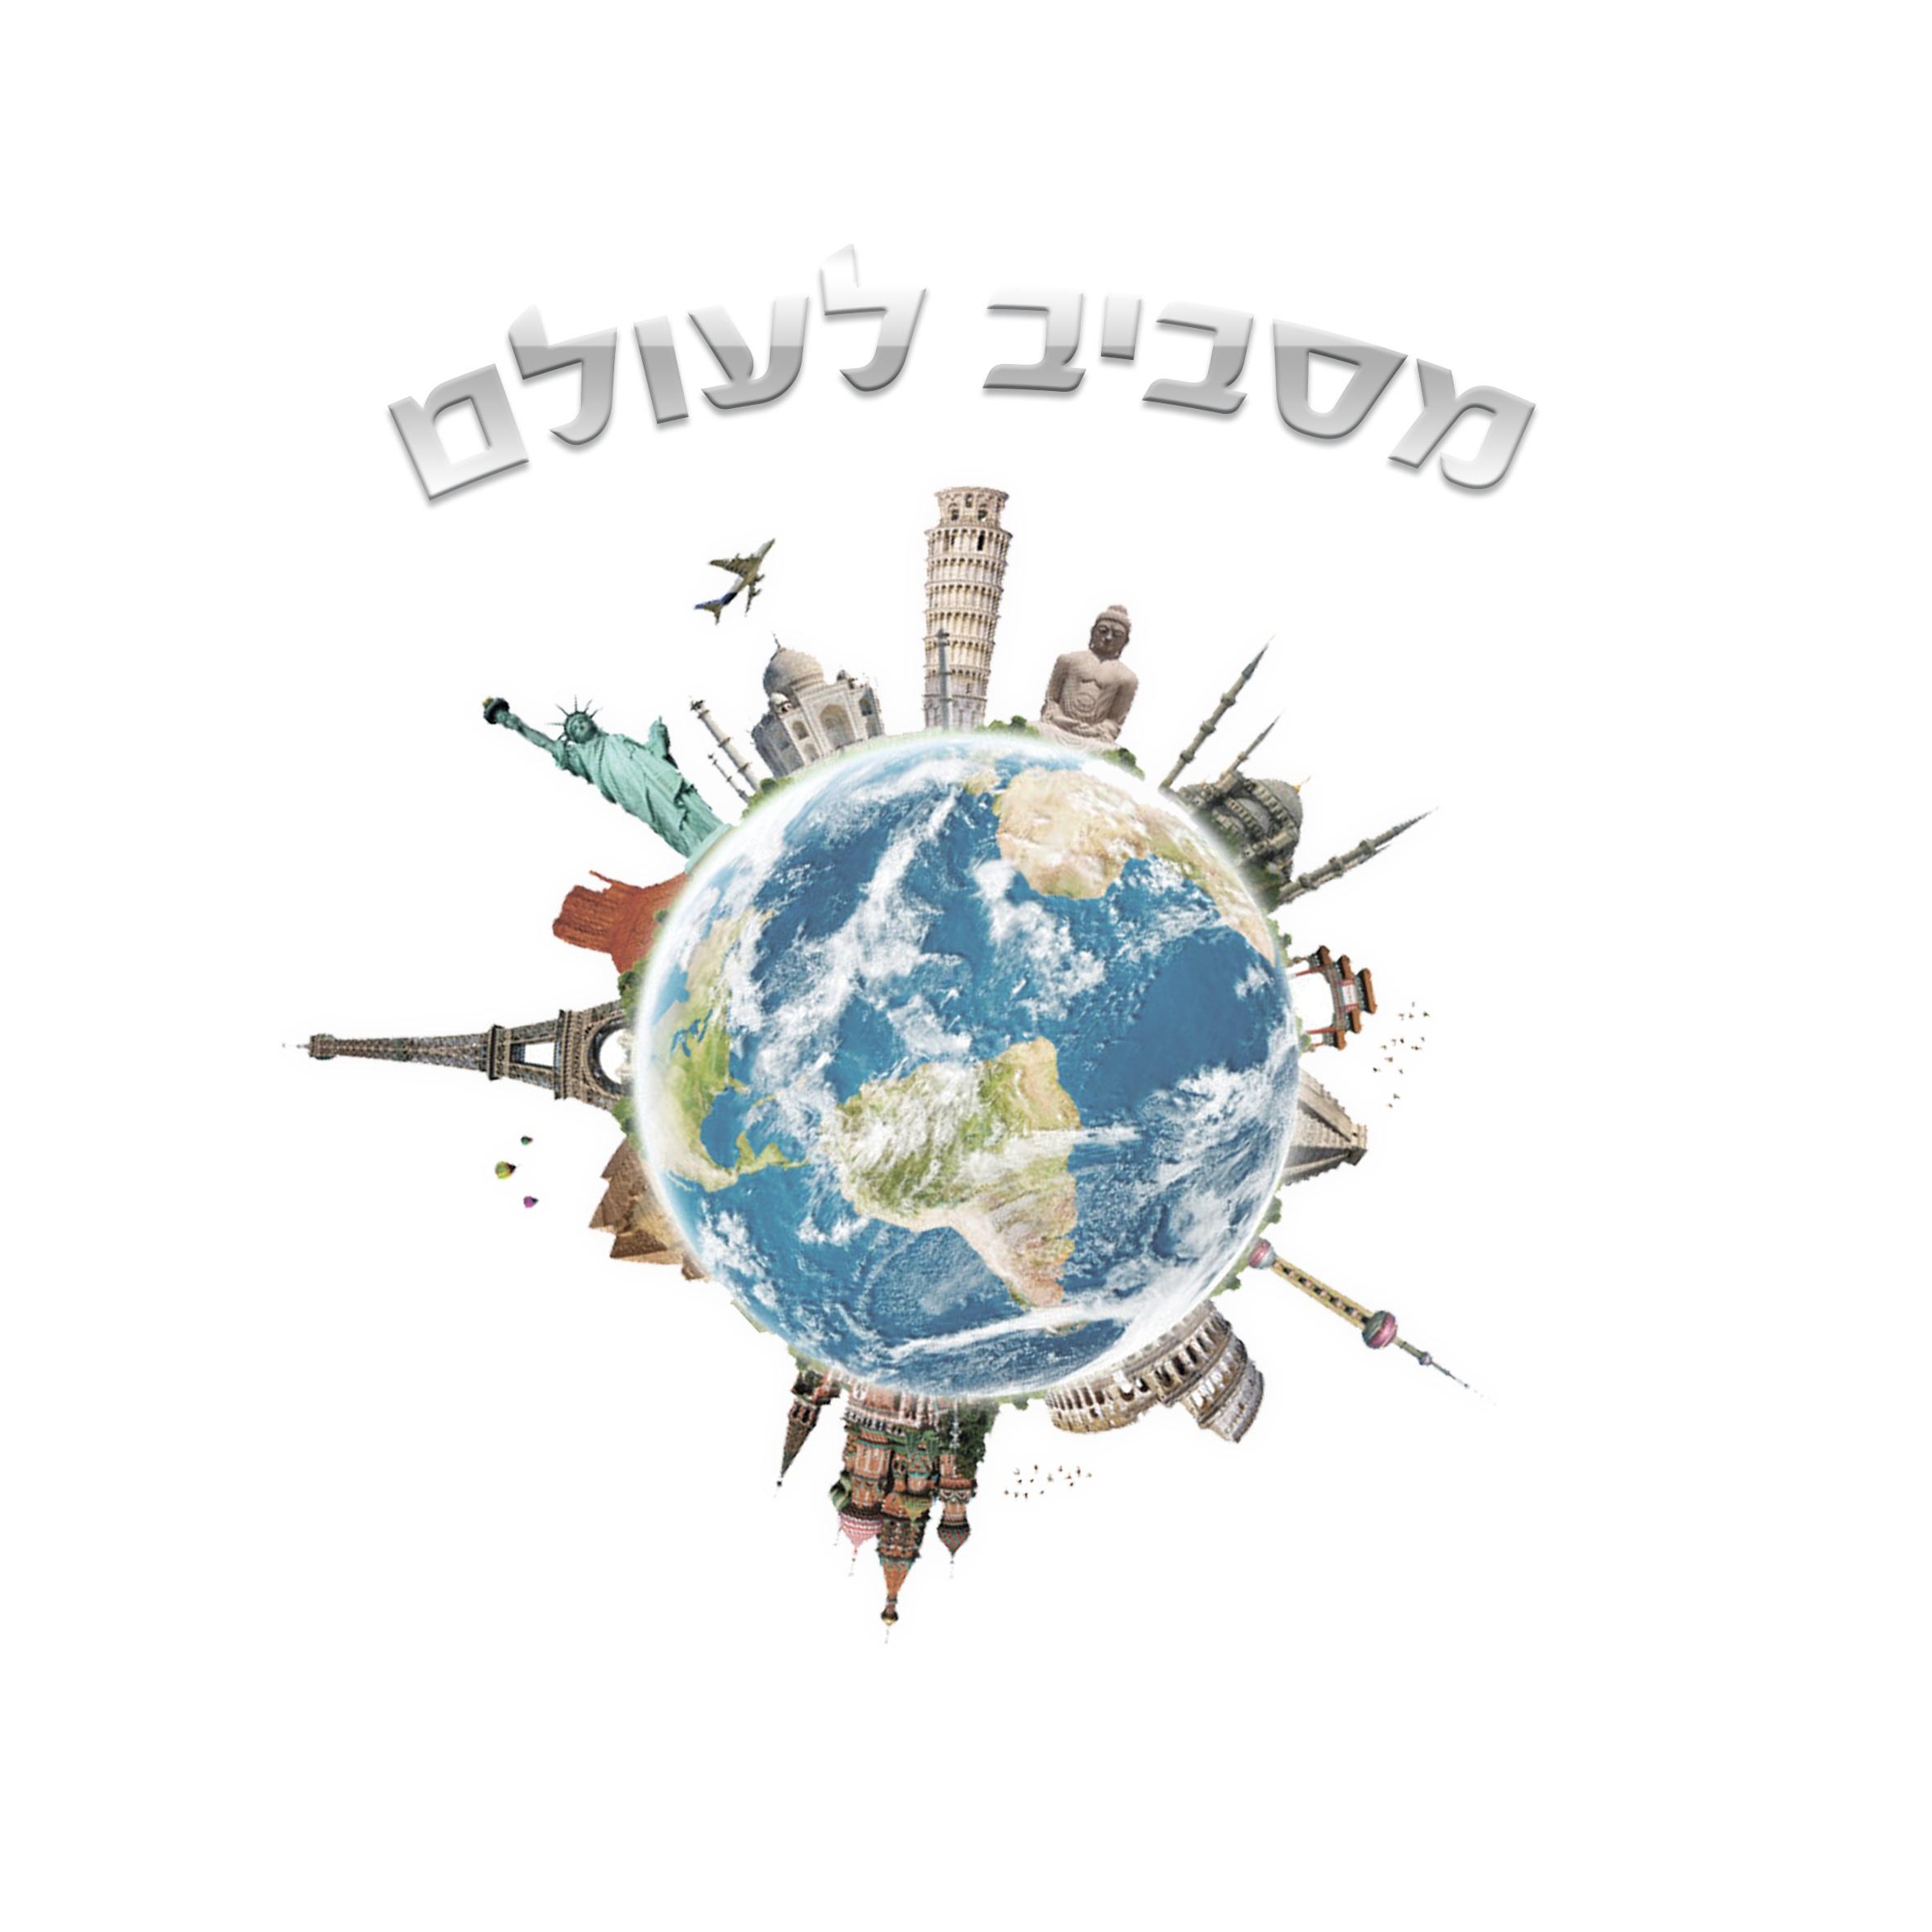 לוגו חדר בריחה נייד מסביב לעולם